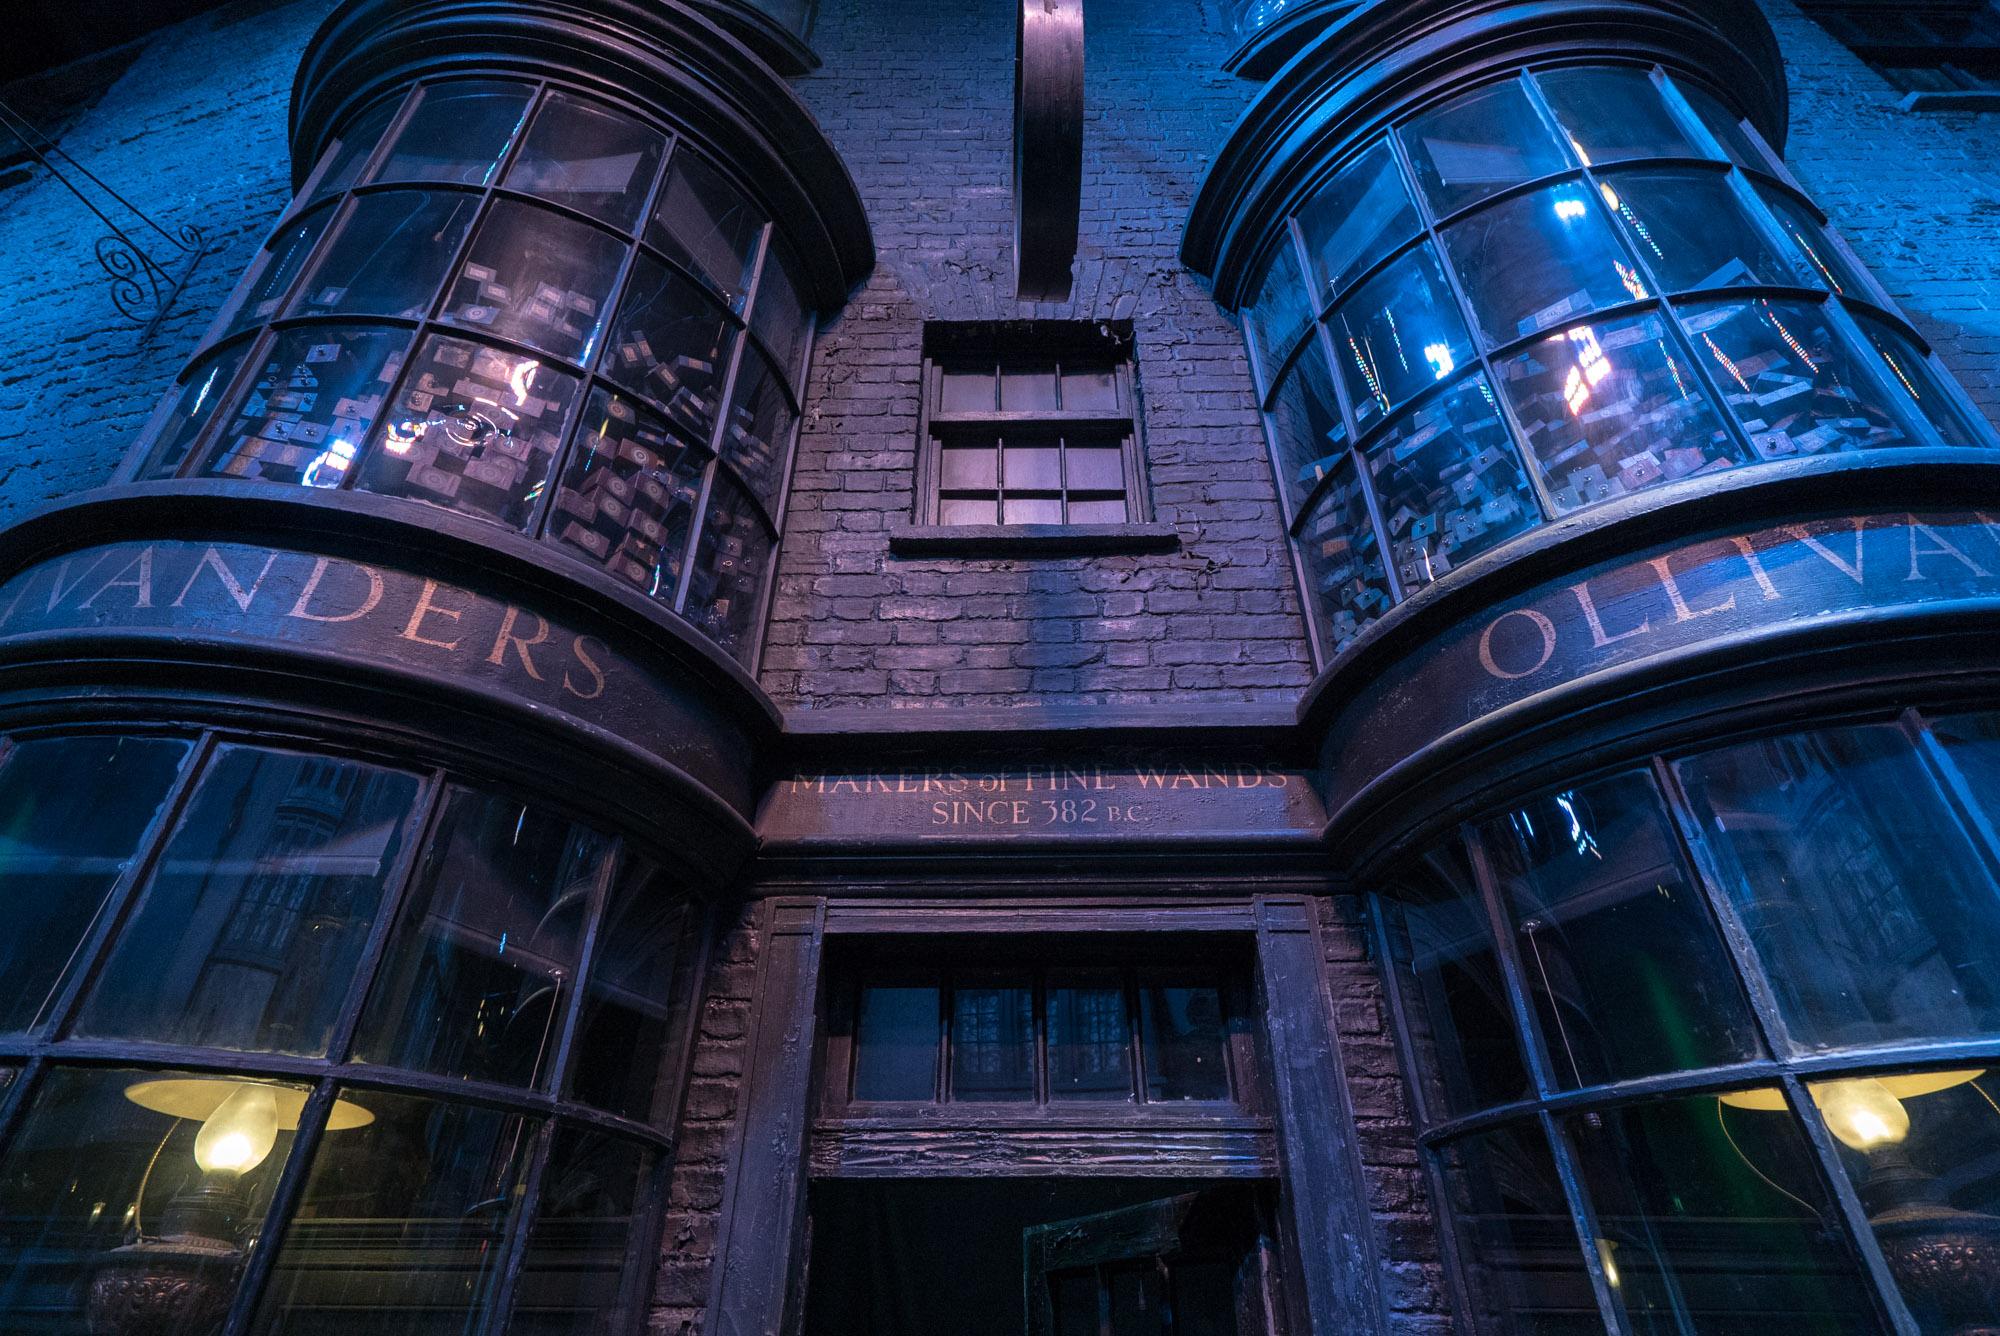 london_harry_potter_00107